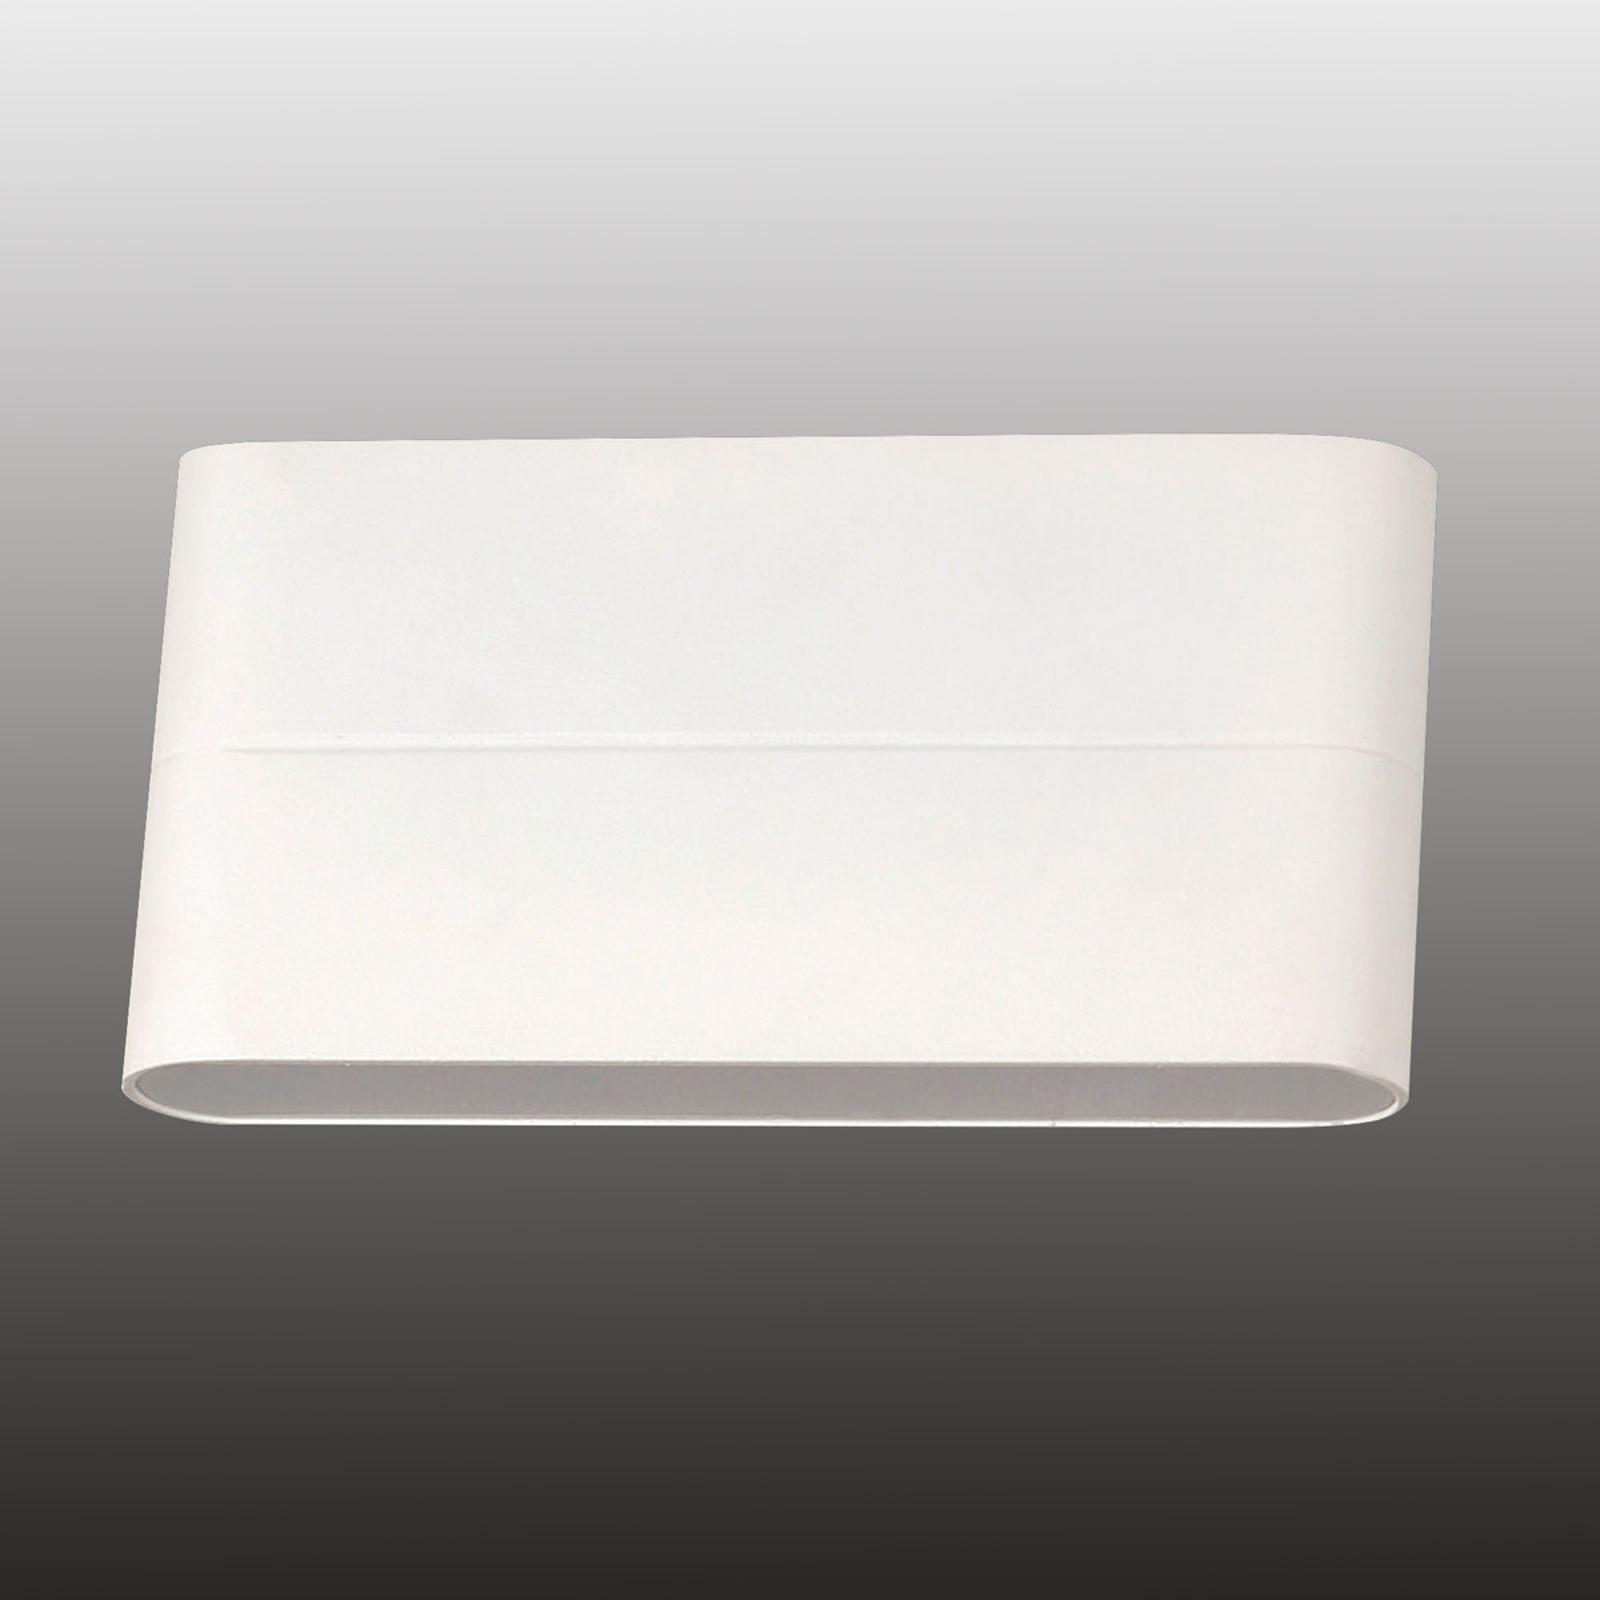 Casper - witte LED wandlamp vr het buitengedeelte